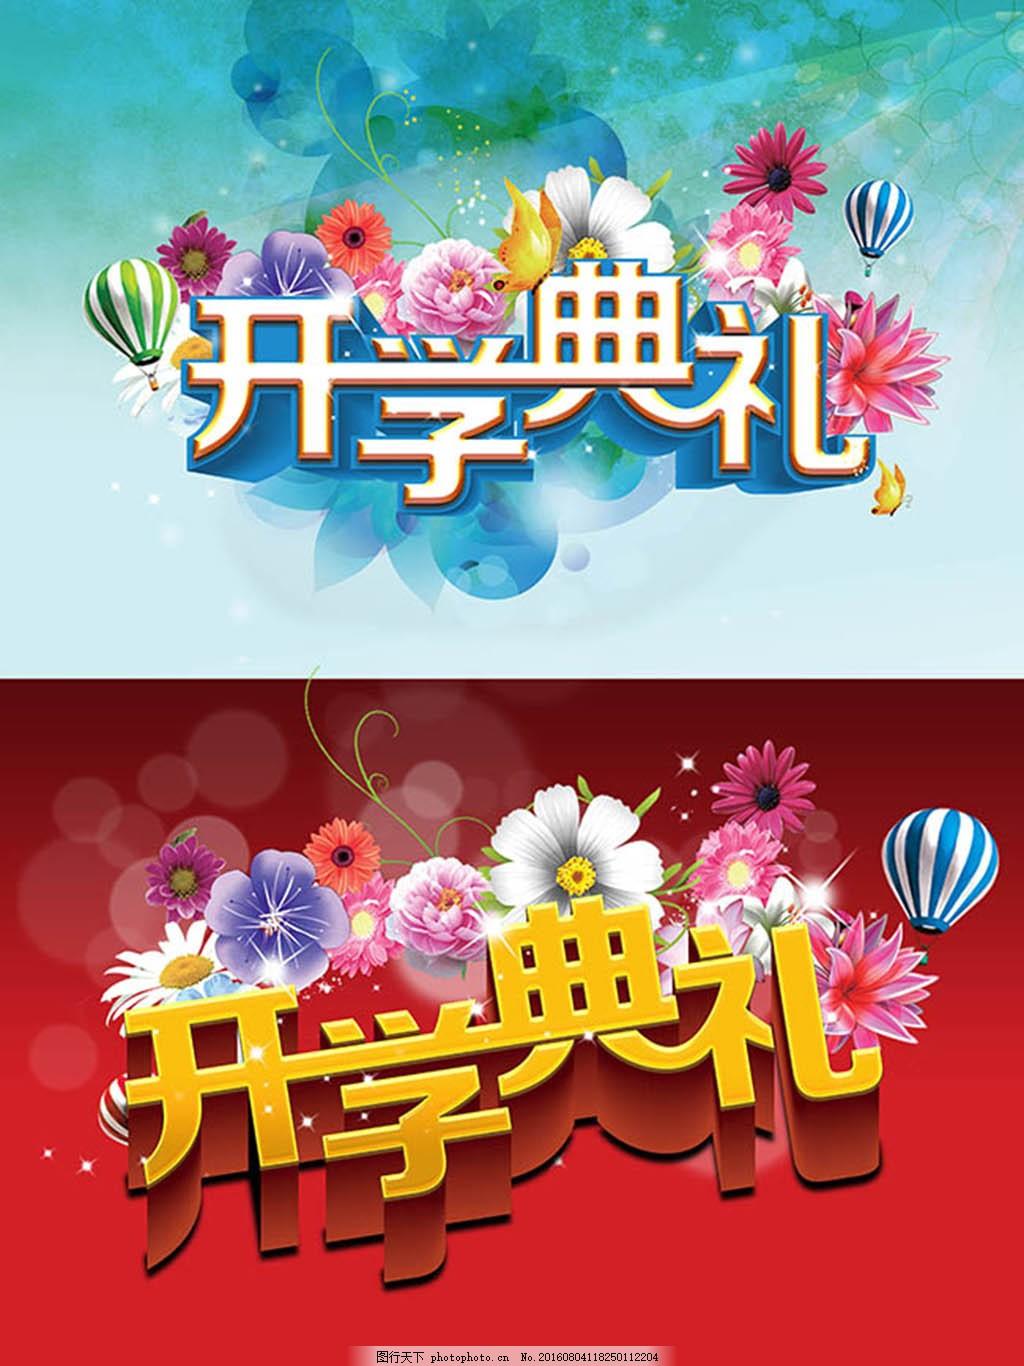 季主题开学典礼背景海报设计 psd素材 开学 开学典礼 开学季 开学促销